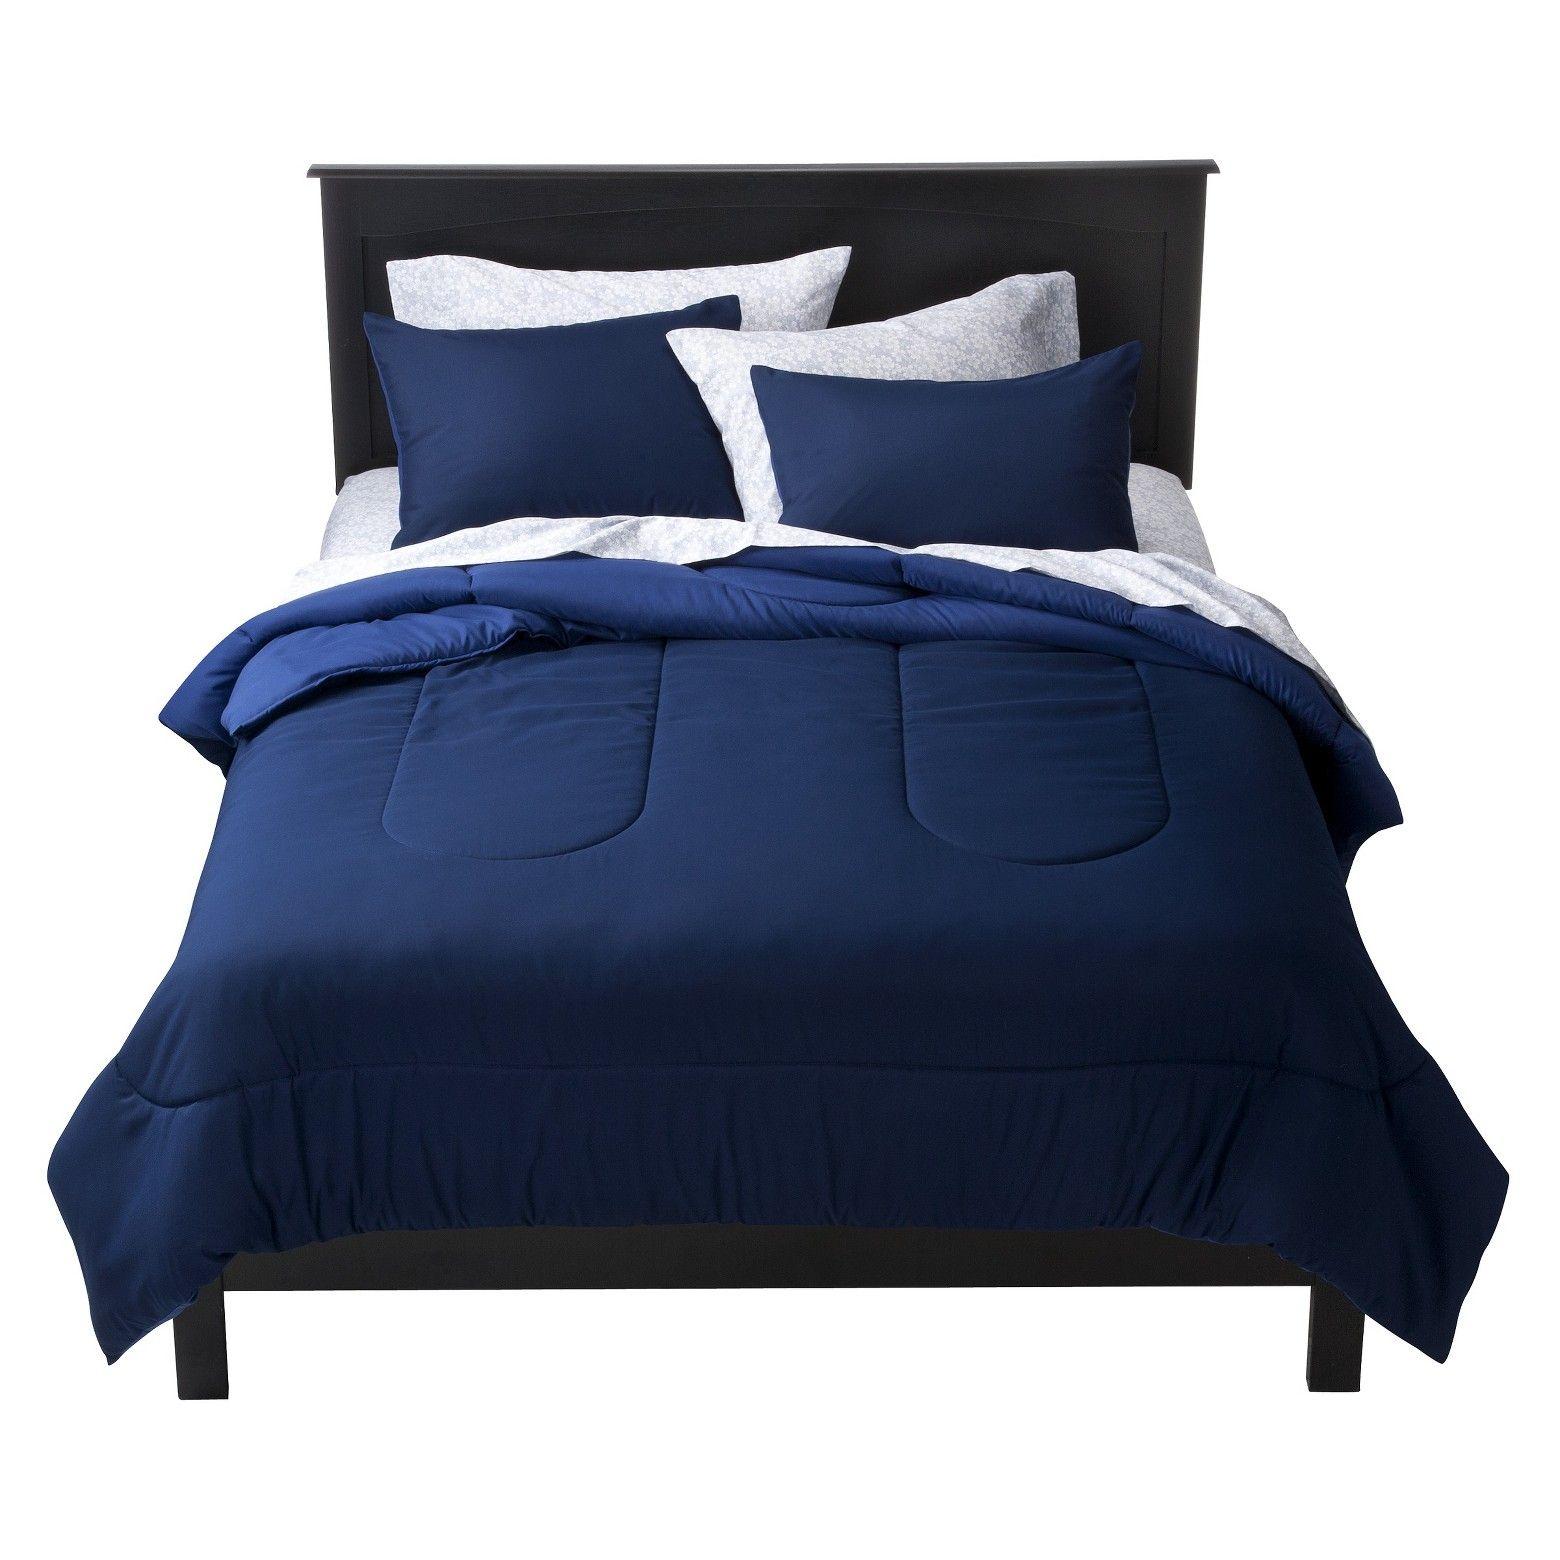 Reversible Microfiber Comforter Room Essentials™ Room